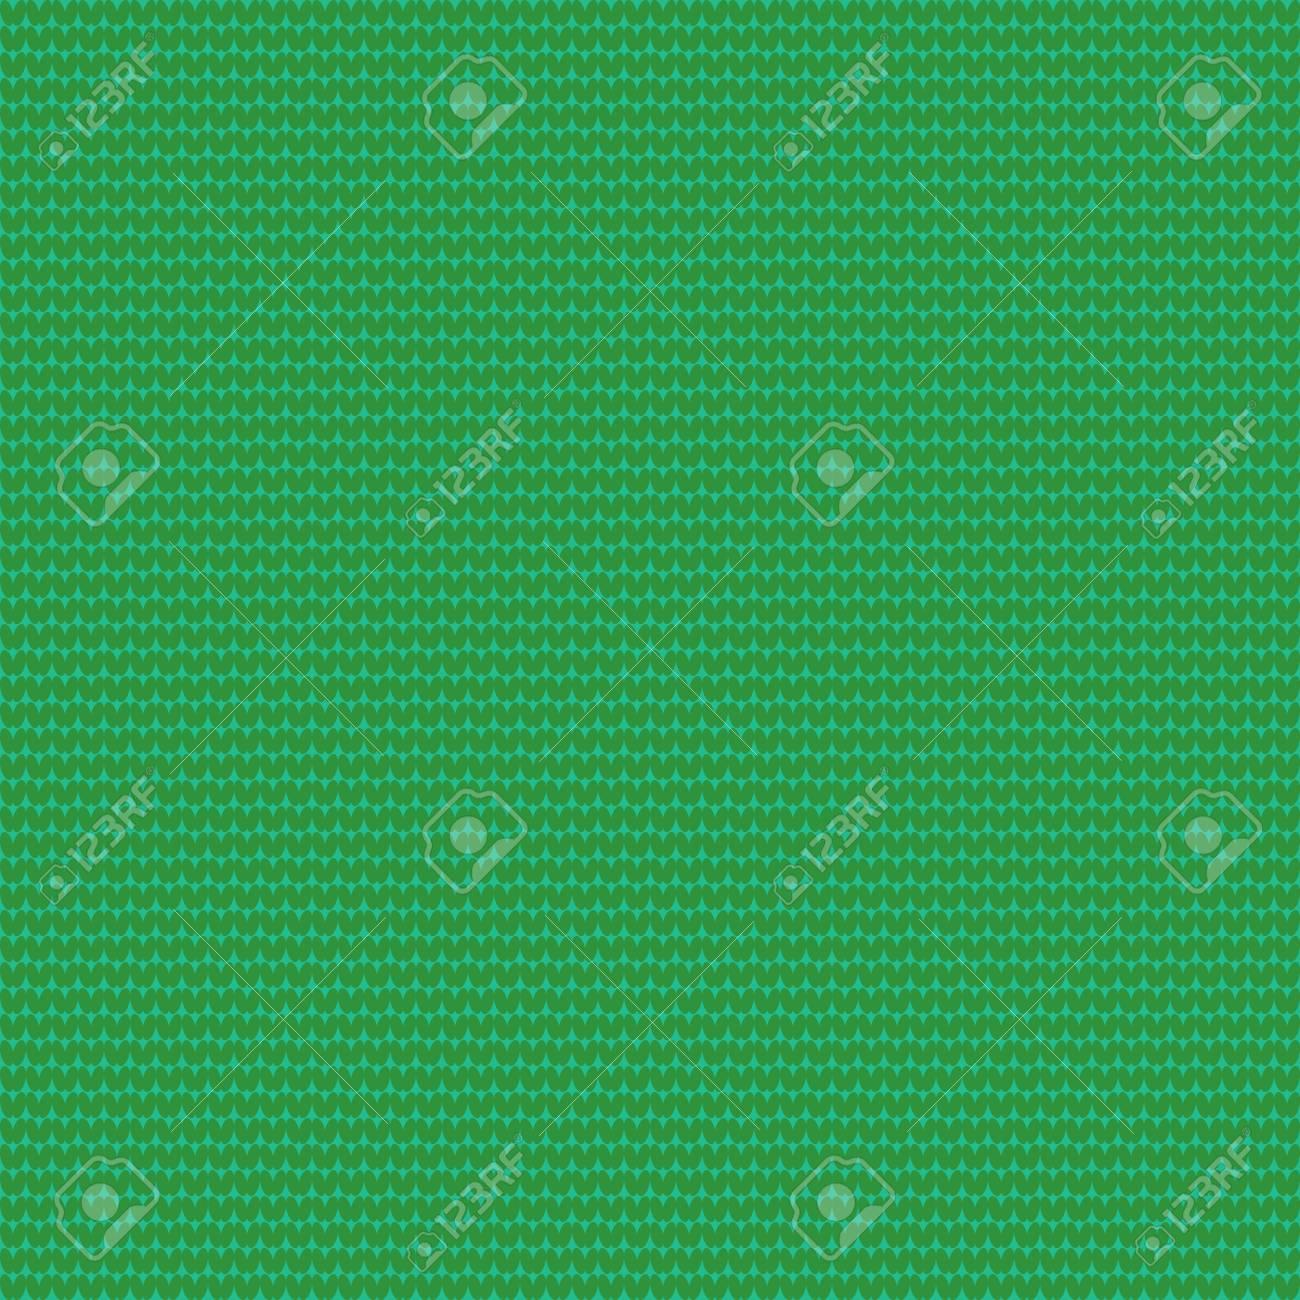 Green Tejer Textura Abstracta De Patrones Sin Fisuras. Gráfico De ...